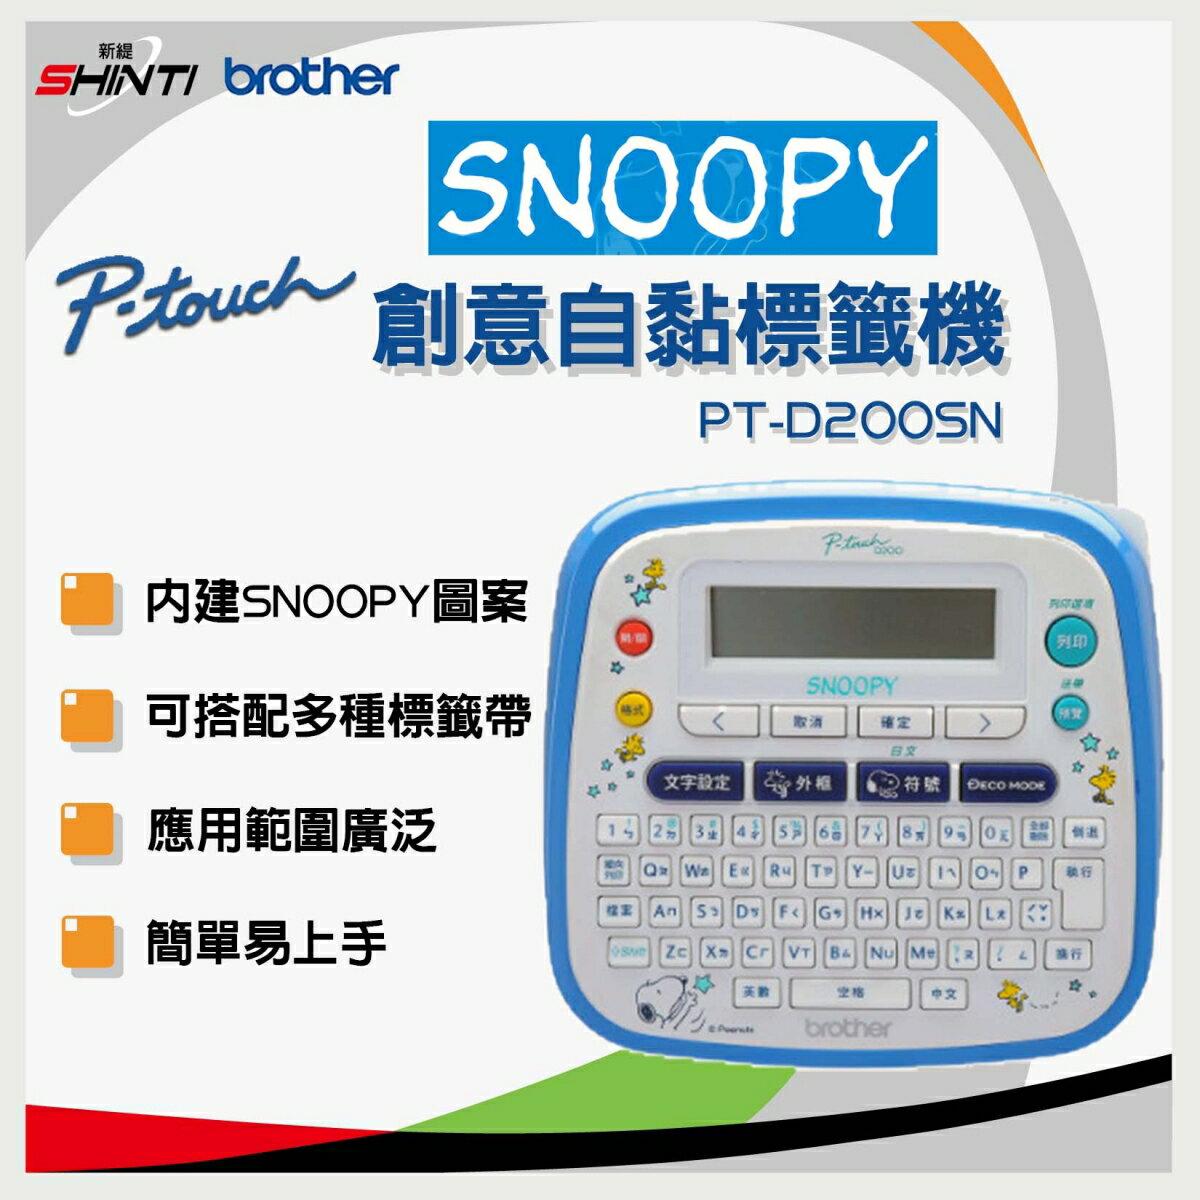 【免運】兄弟brother 史努比 Snoopy PT-D200SN 創意自黏標籤機